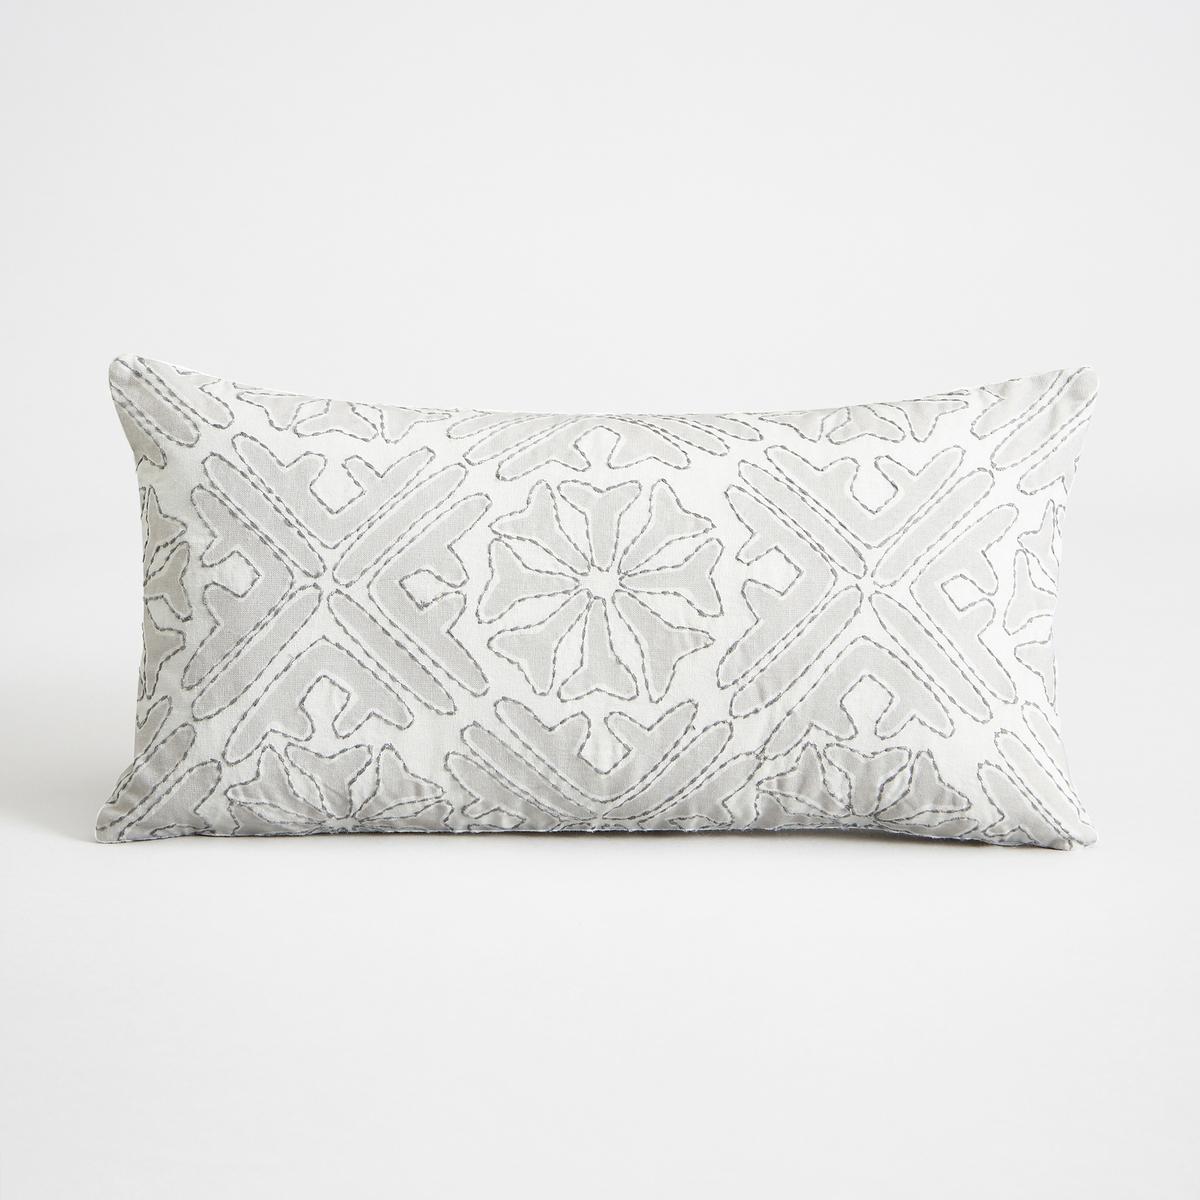 Наволочка на подушку-валик, AnziluНаволочка на подушку-валик Anzilu. Красивый цветочный рисунок светло-серого цвета с вышивкой. Оборотная сторона цвета экрю. Застежка на скрытую молнию сзади. 100% хлопок. Размеры : 40 x 20 см. Подушка продается отдельно.<br><br>Цвет: светло-серый